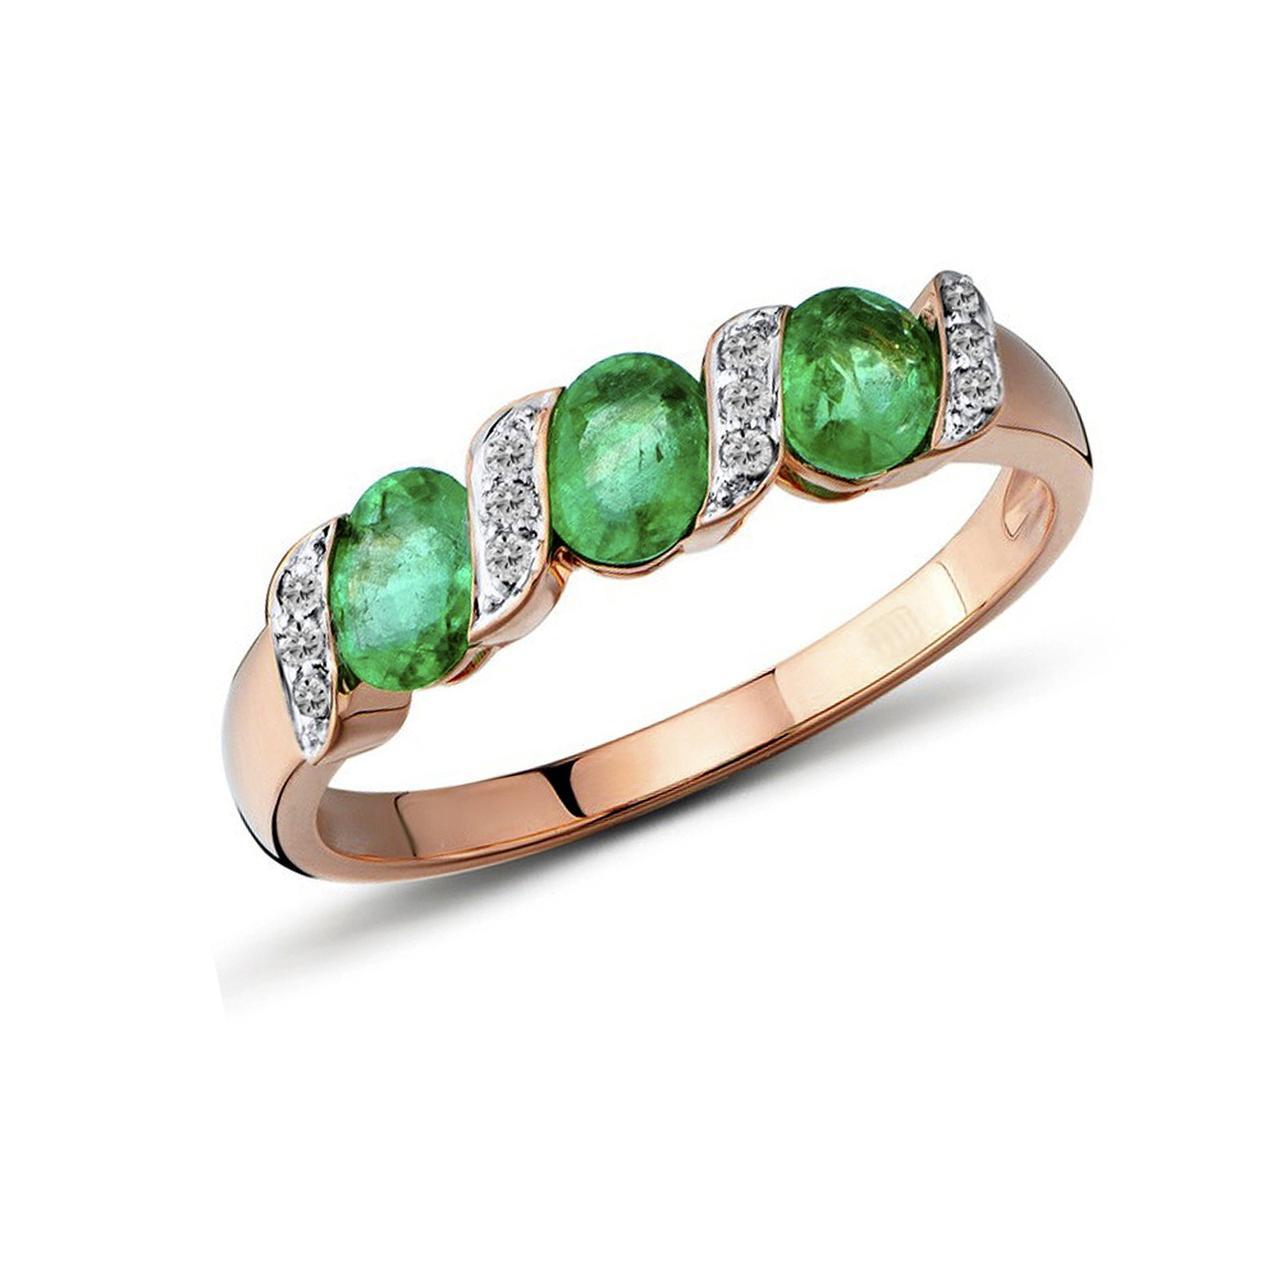 Золотое кольцо с бриллиантами и изумрудами, размер 16 (1551309)